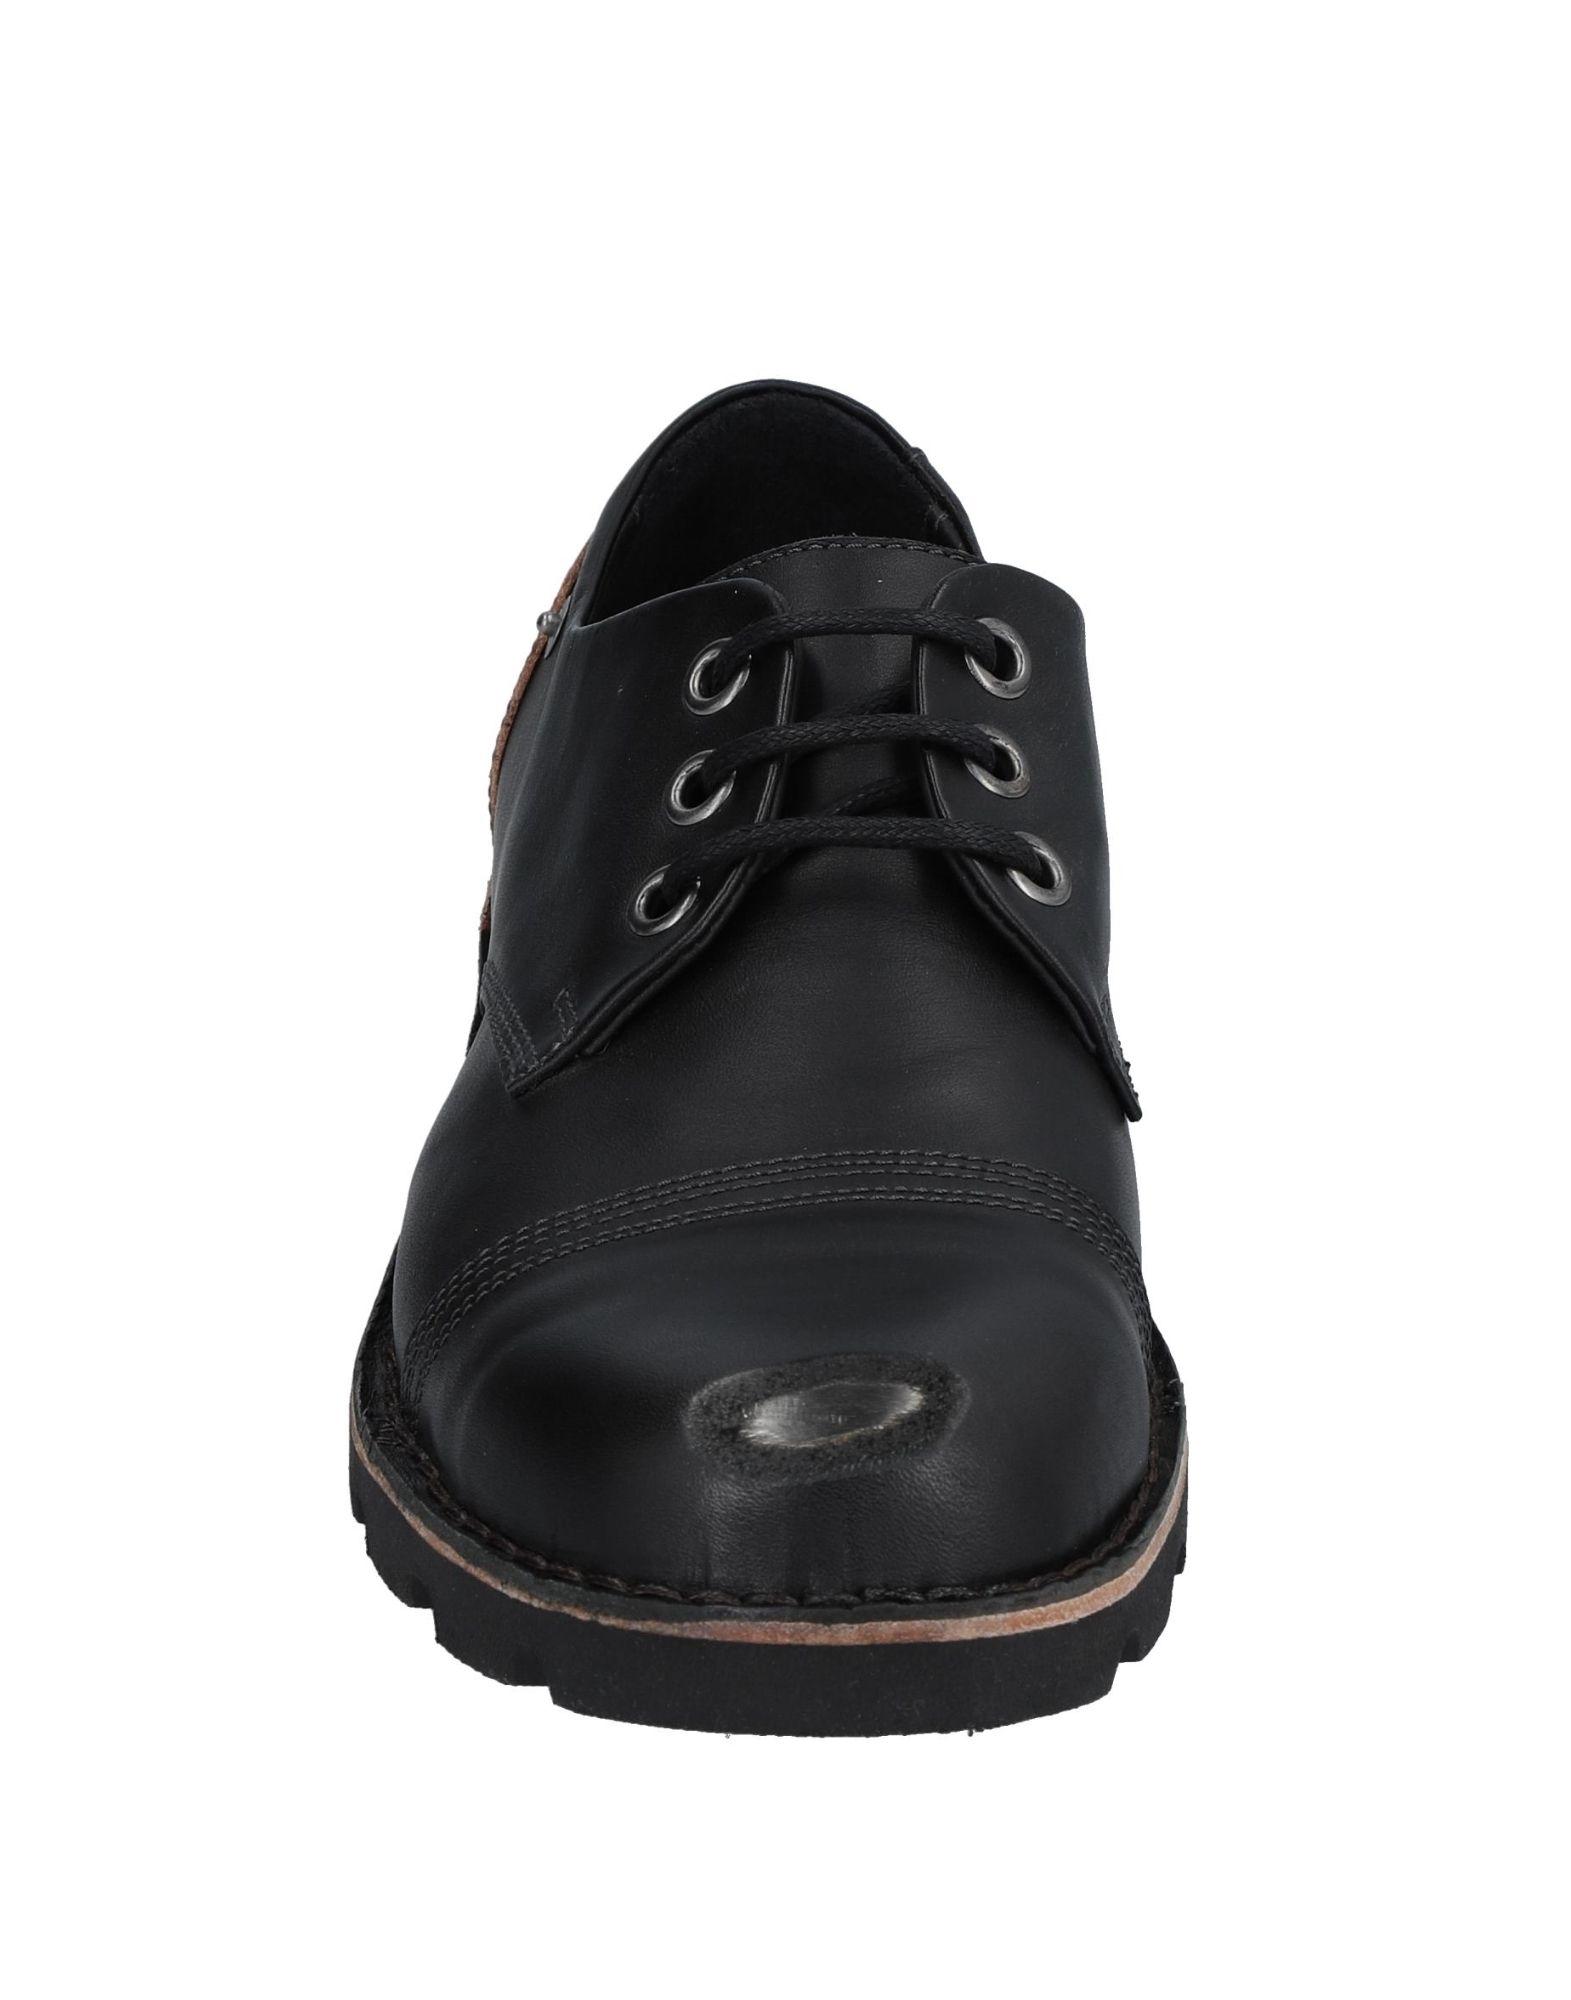 Diesel Schnürschuhe Herren beliebte  11534495NC Gute Qualität beliebte Herren Schuhe aa2bd7